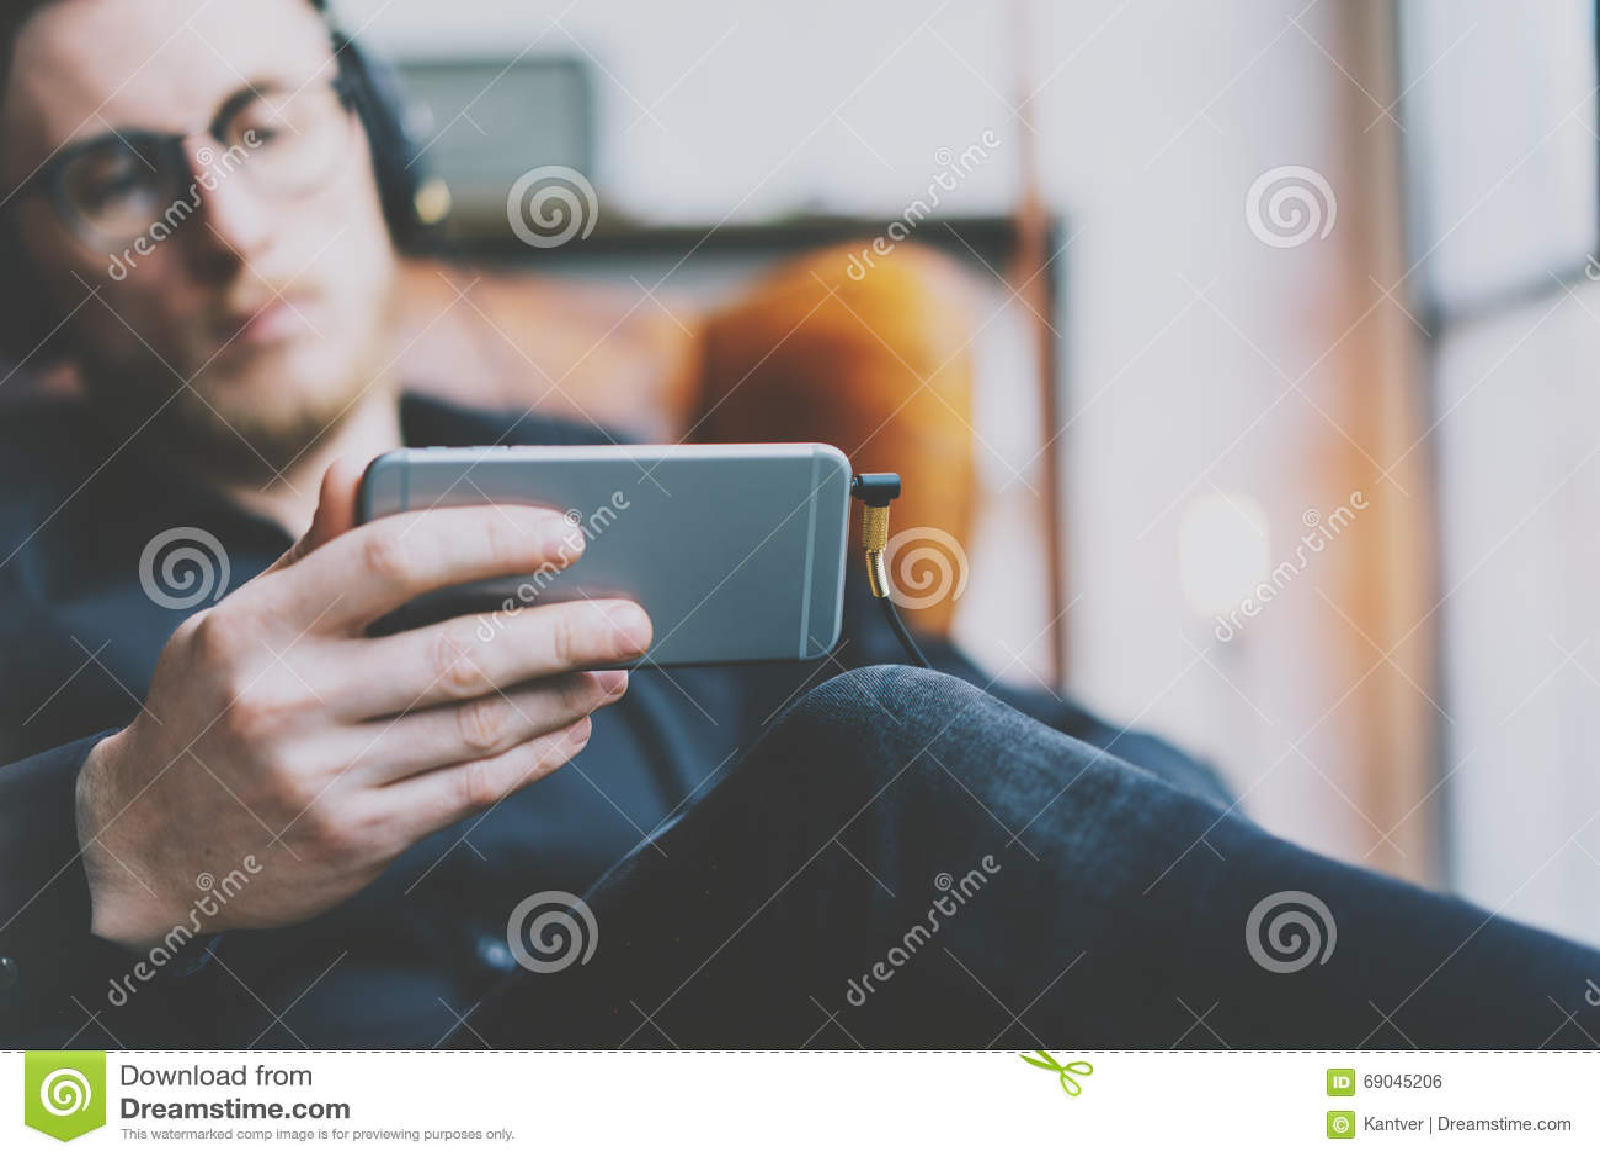 скачать видео для взрослых на мобильный